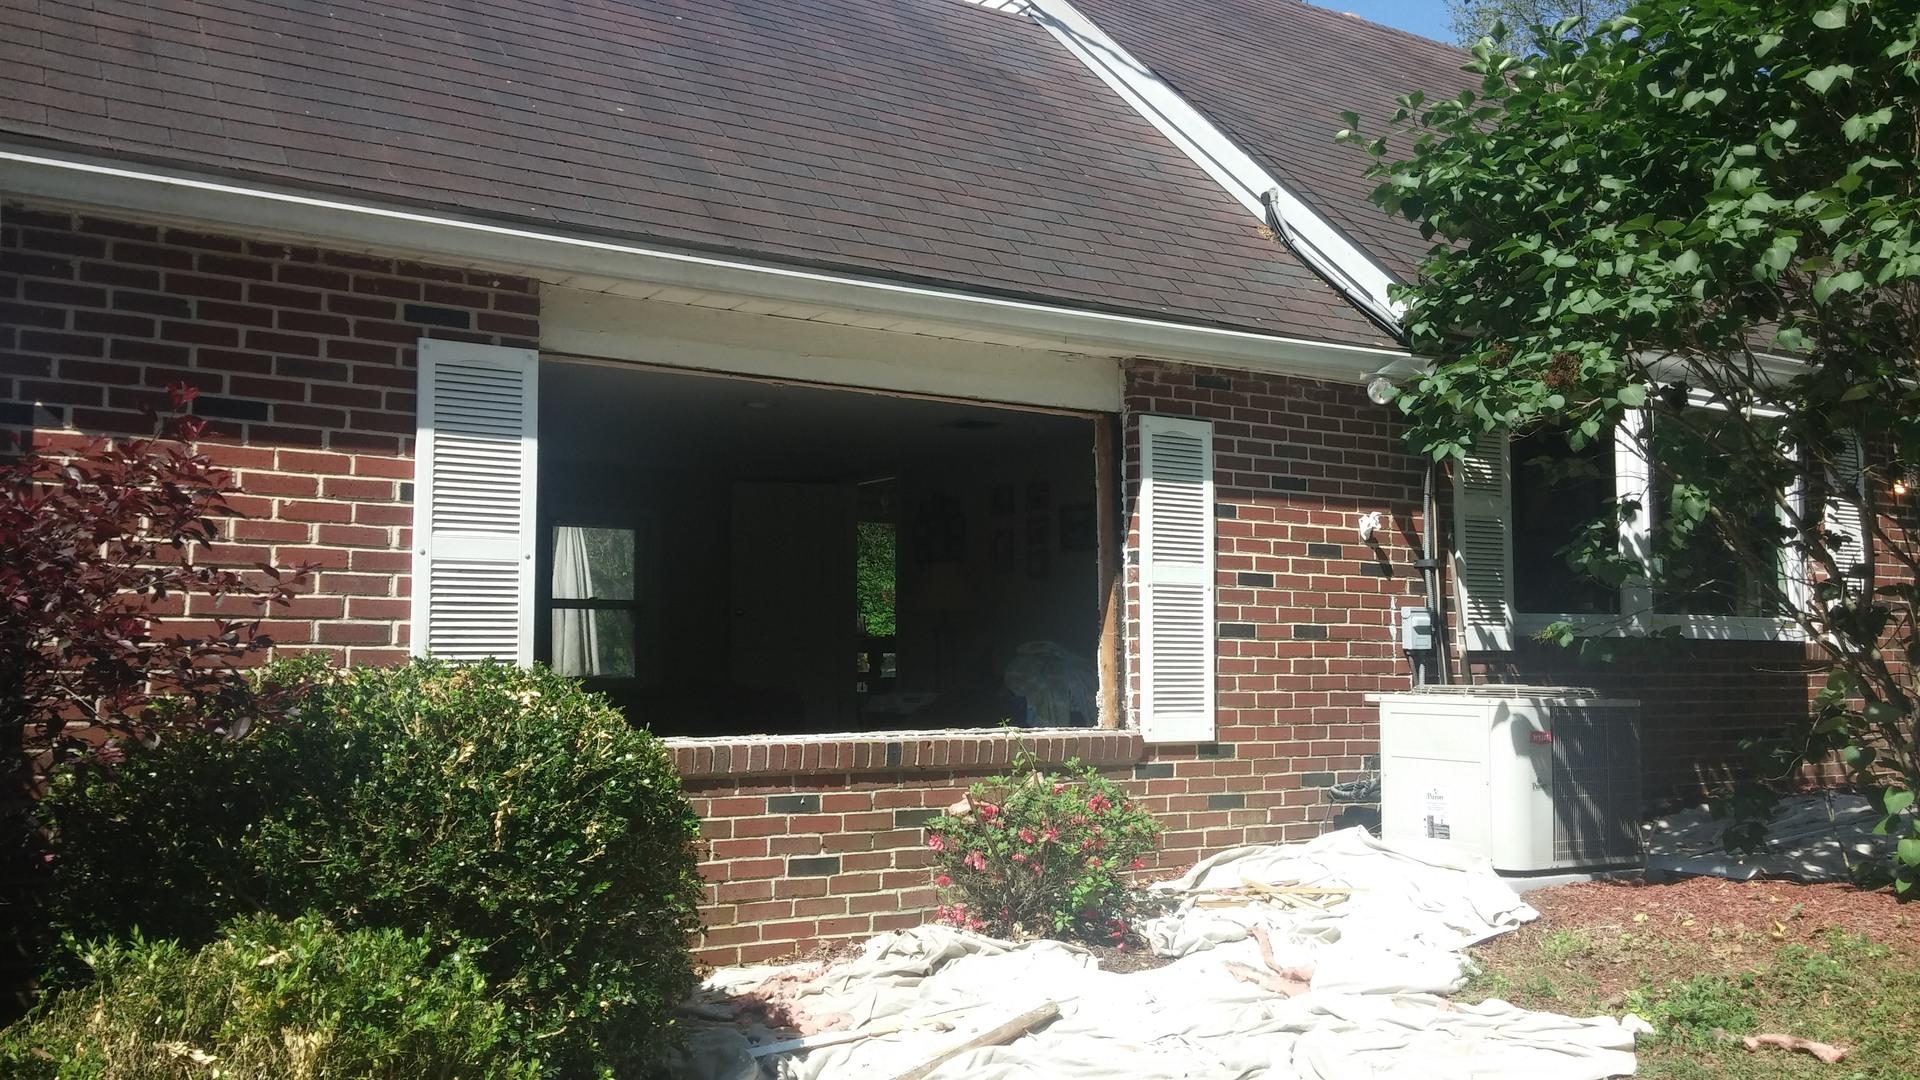 bay window, new bay window, new window, replacement window